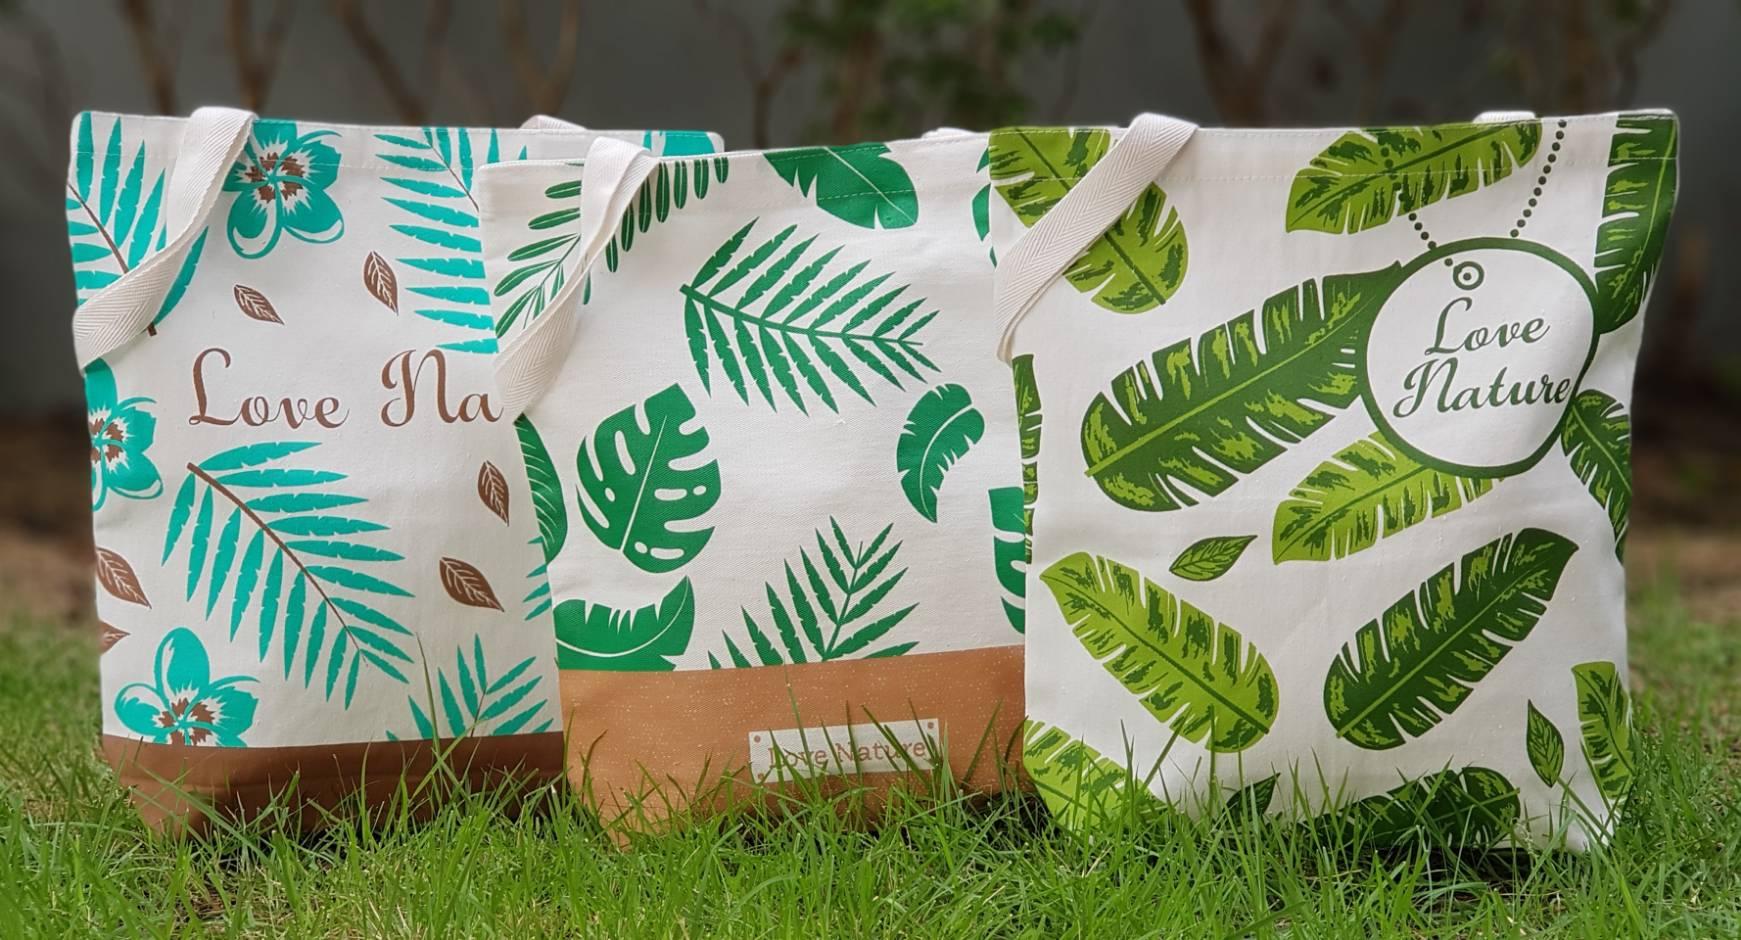 งานพิมพ์, ดิจิตอล, หลากสี, ดีไซน์, สกรีน, ถุงผ้าดิบ, กระเป๋าผ้าดิบ, ถุงผ้า, ลดโลกร้อน, สกรีนลายสำเร็จรูป, ขายส่ง, ลายน่ารัก, love nature, จาก baginlove.com